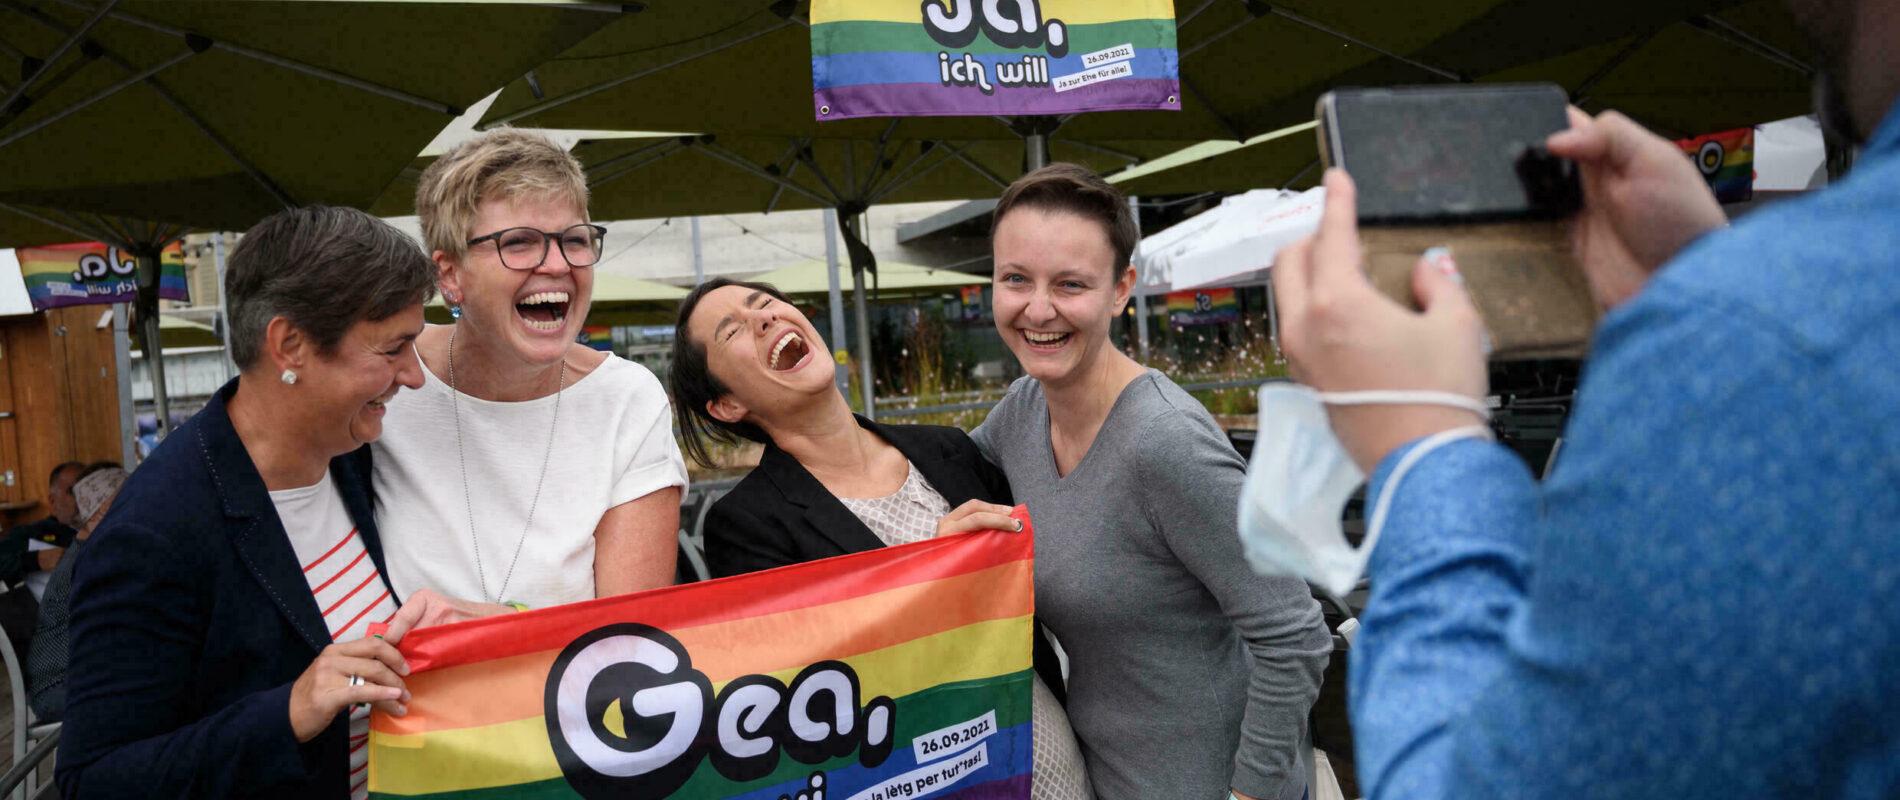 Suiza le dice 'Sí' al matrimonio igualitario; obtienen 64.1% de aprobación en referéndum